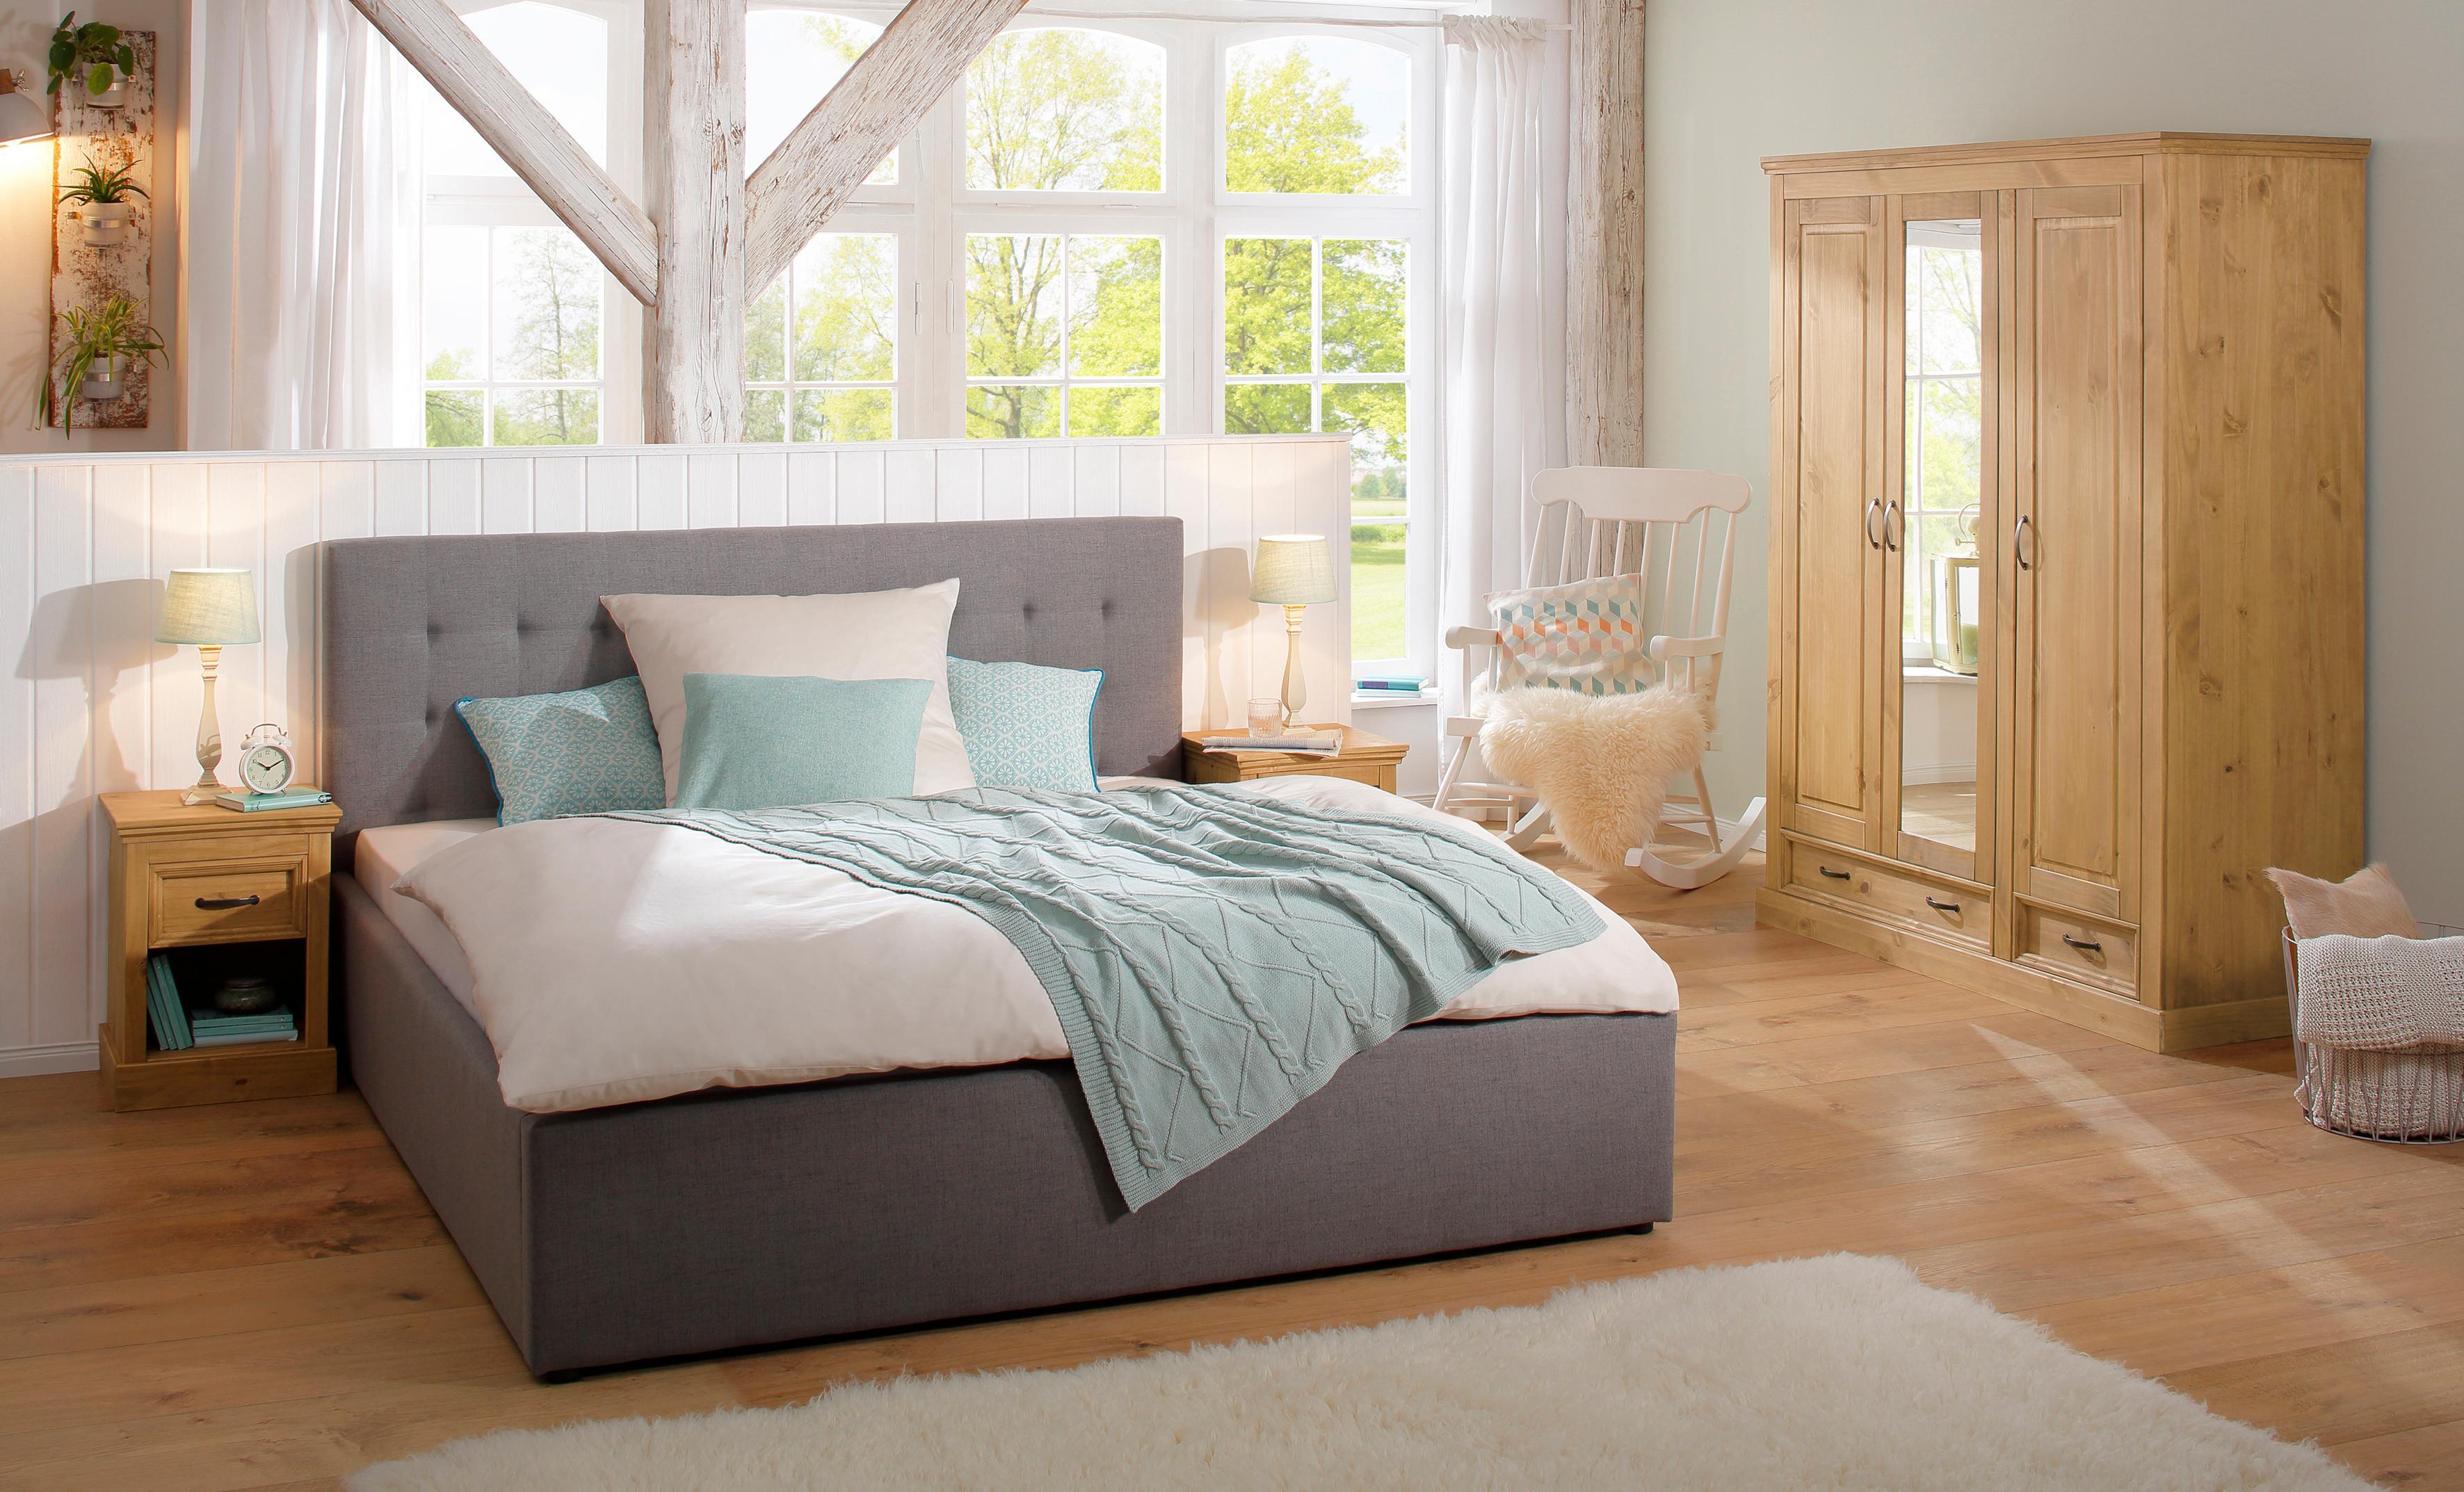 Home Affaire 3-türiger Kleiderschrank Selma für das Schlafzimmer aus massiven Holz Höhe 190 cm